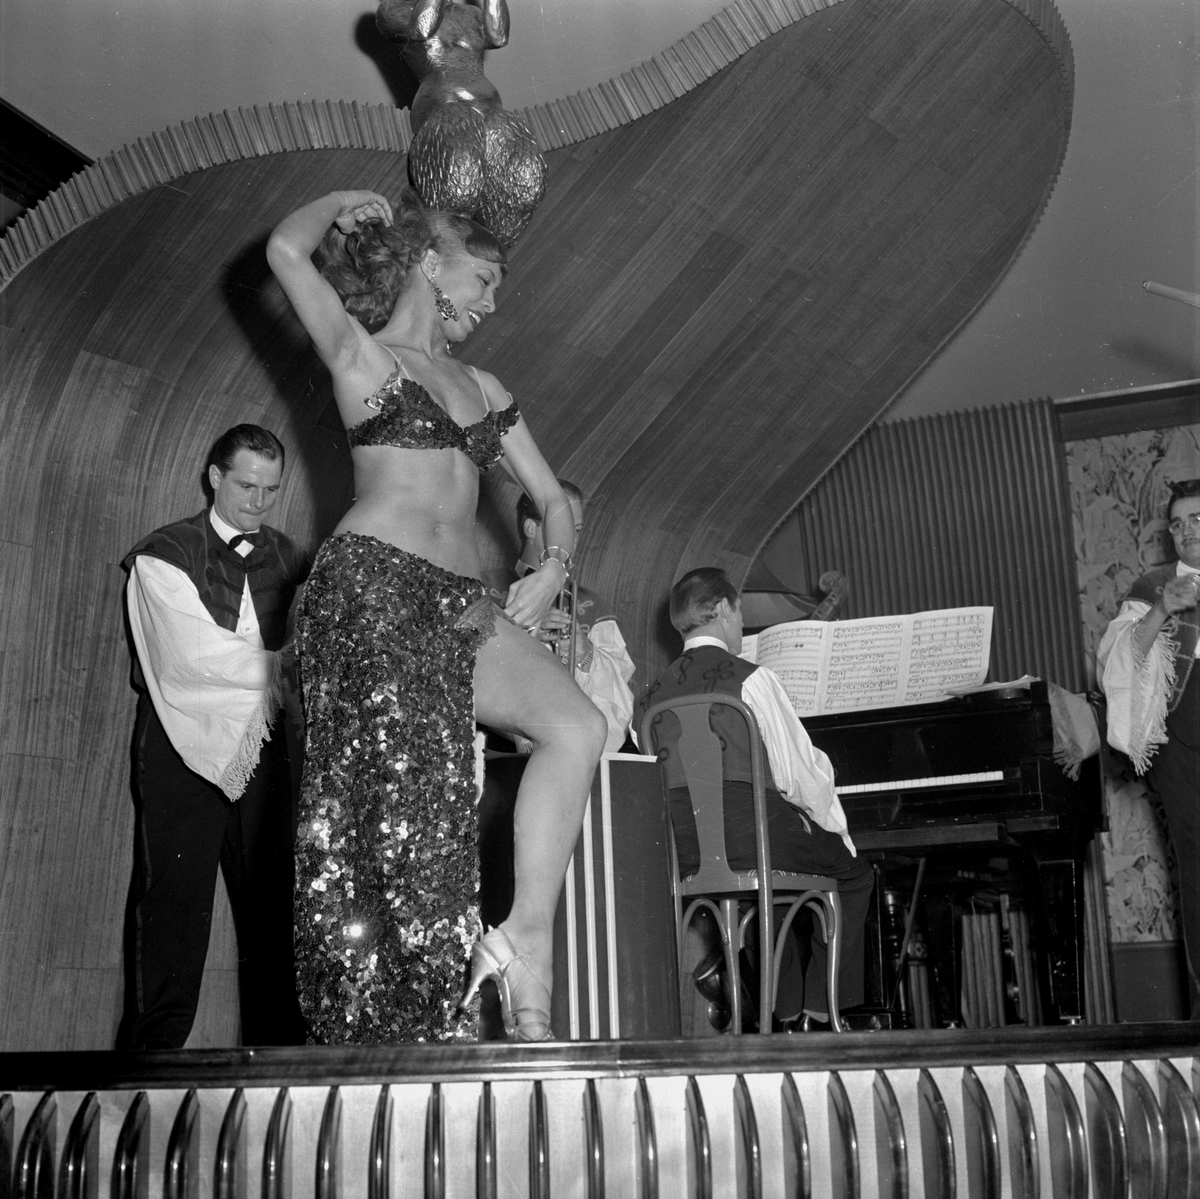 La Bommie dansösen på Frimis. April 1956.